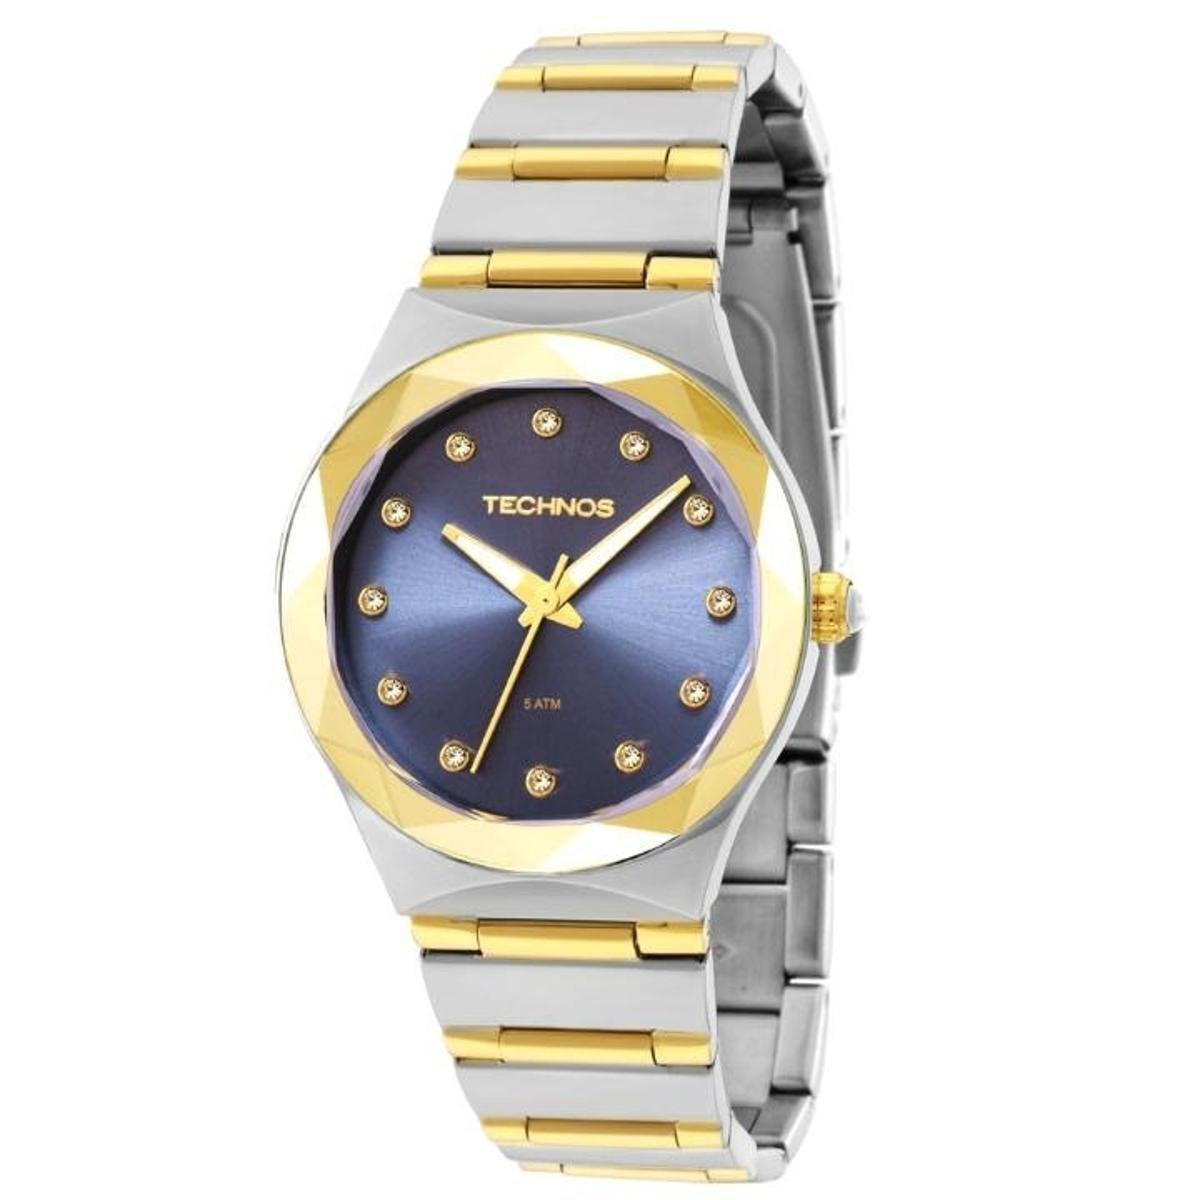 328a9ea4eb8 Relógio Technos Elegance Crystal Swarovski 2035MFI 5A - Compre Agora ...